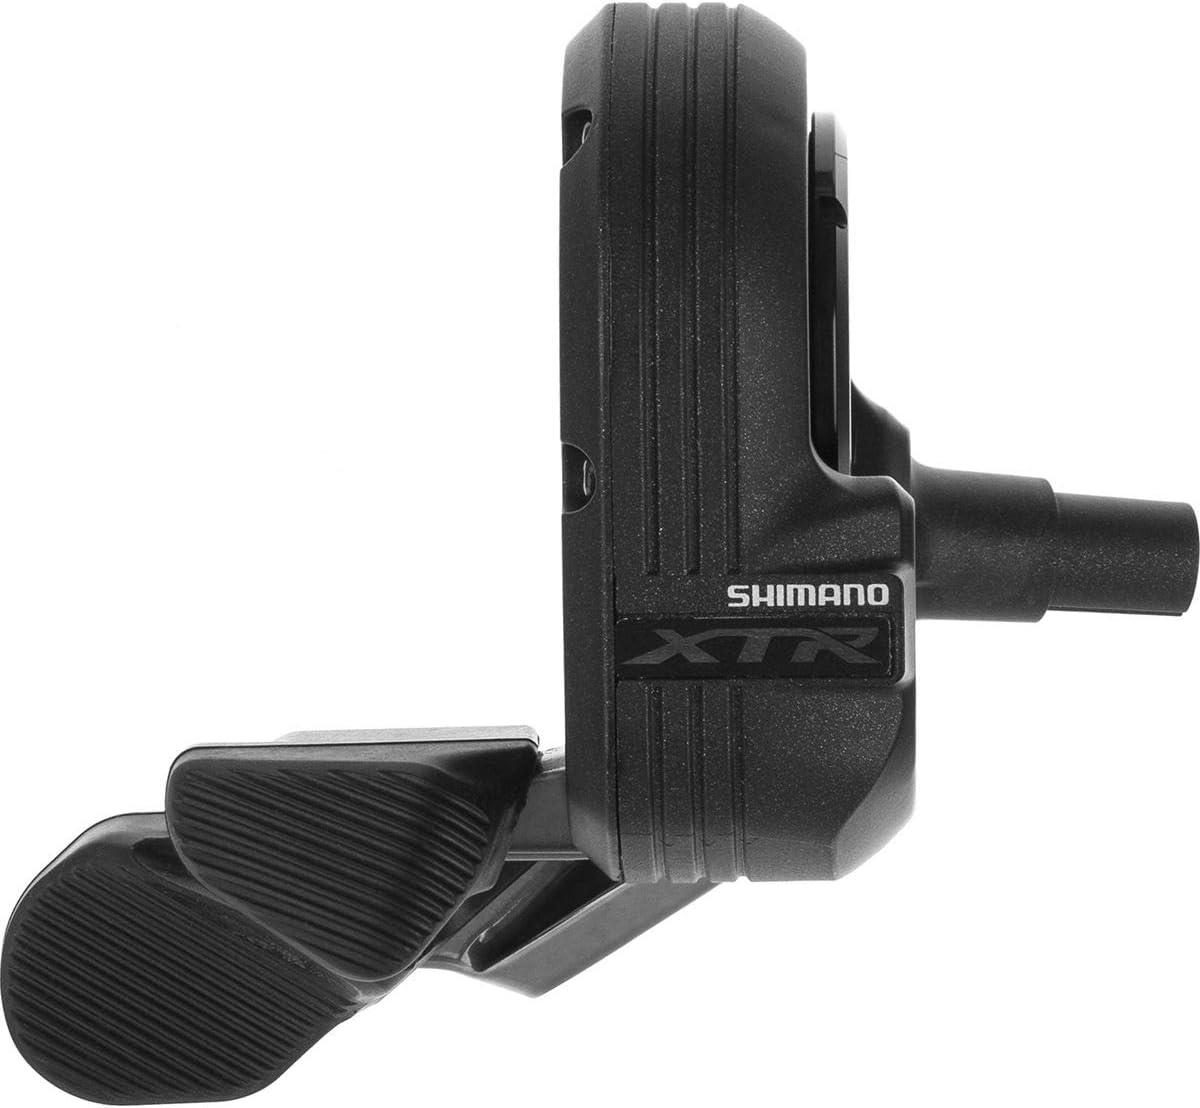 SHIMANO XTR Di2 SW-M9050 Shift Lever